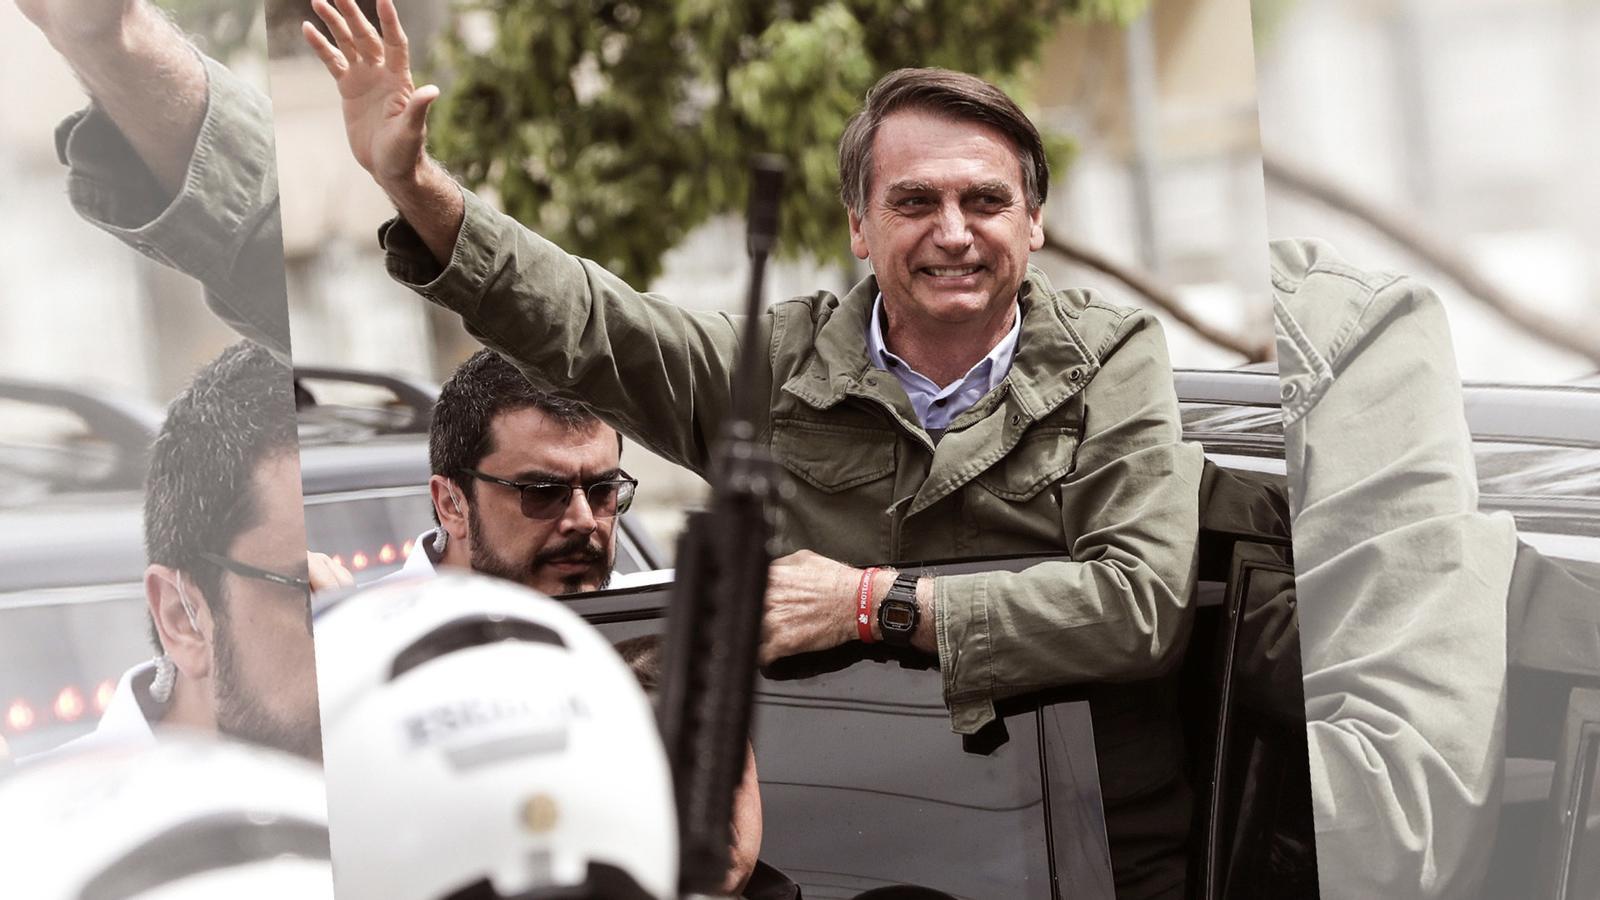 L'anàlisi d'Antoni Bassas: 'Bolsonaro o el pitjor de nosaltres mateixos'